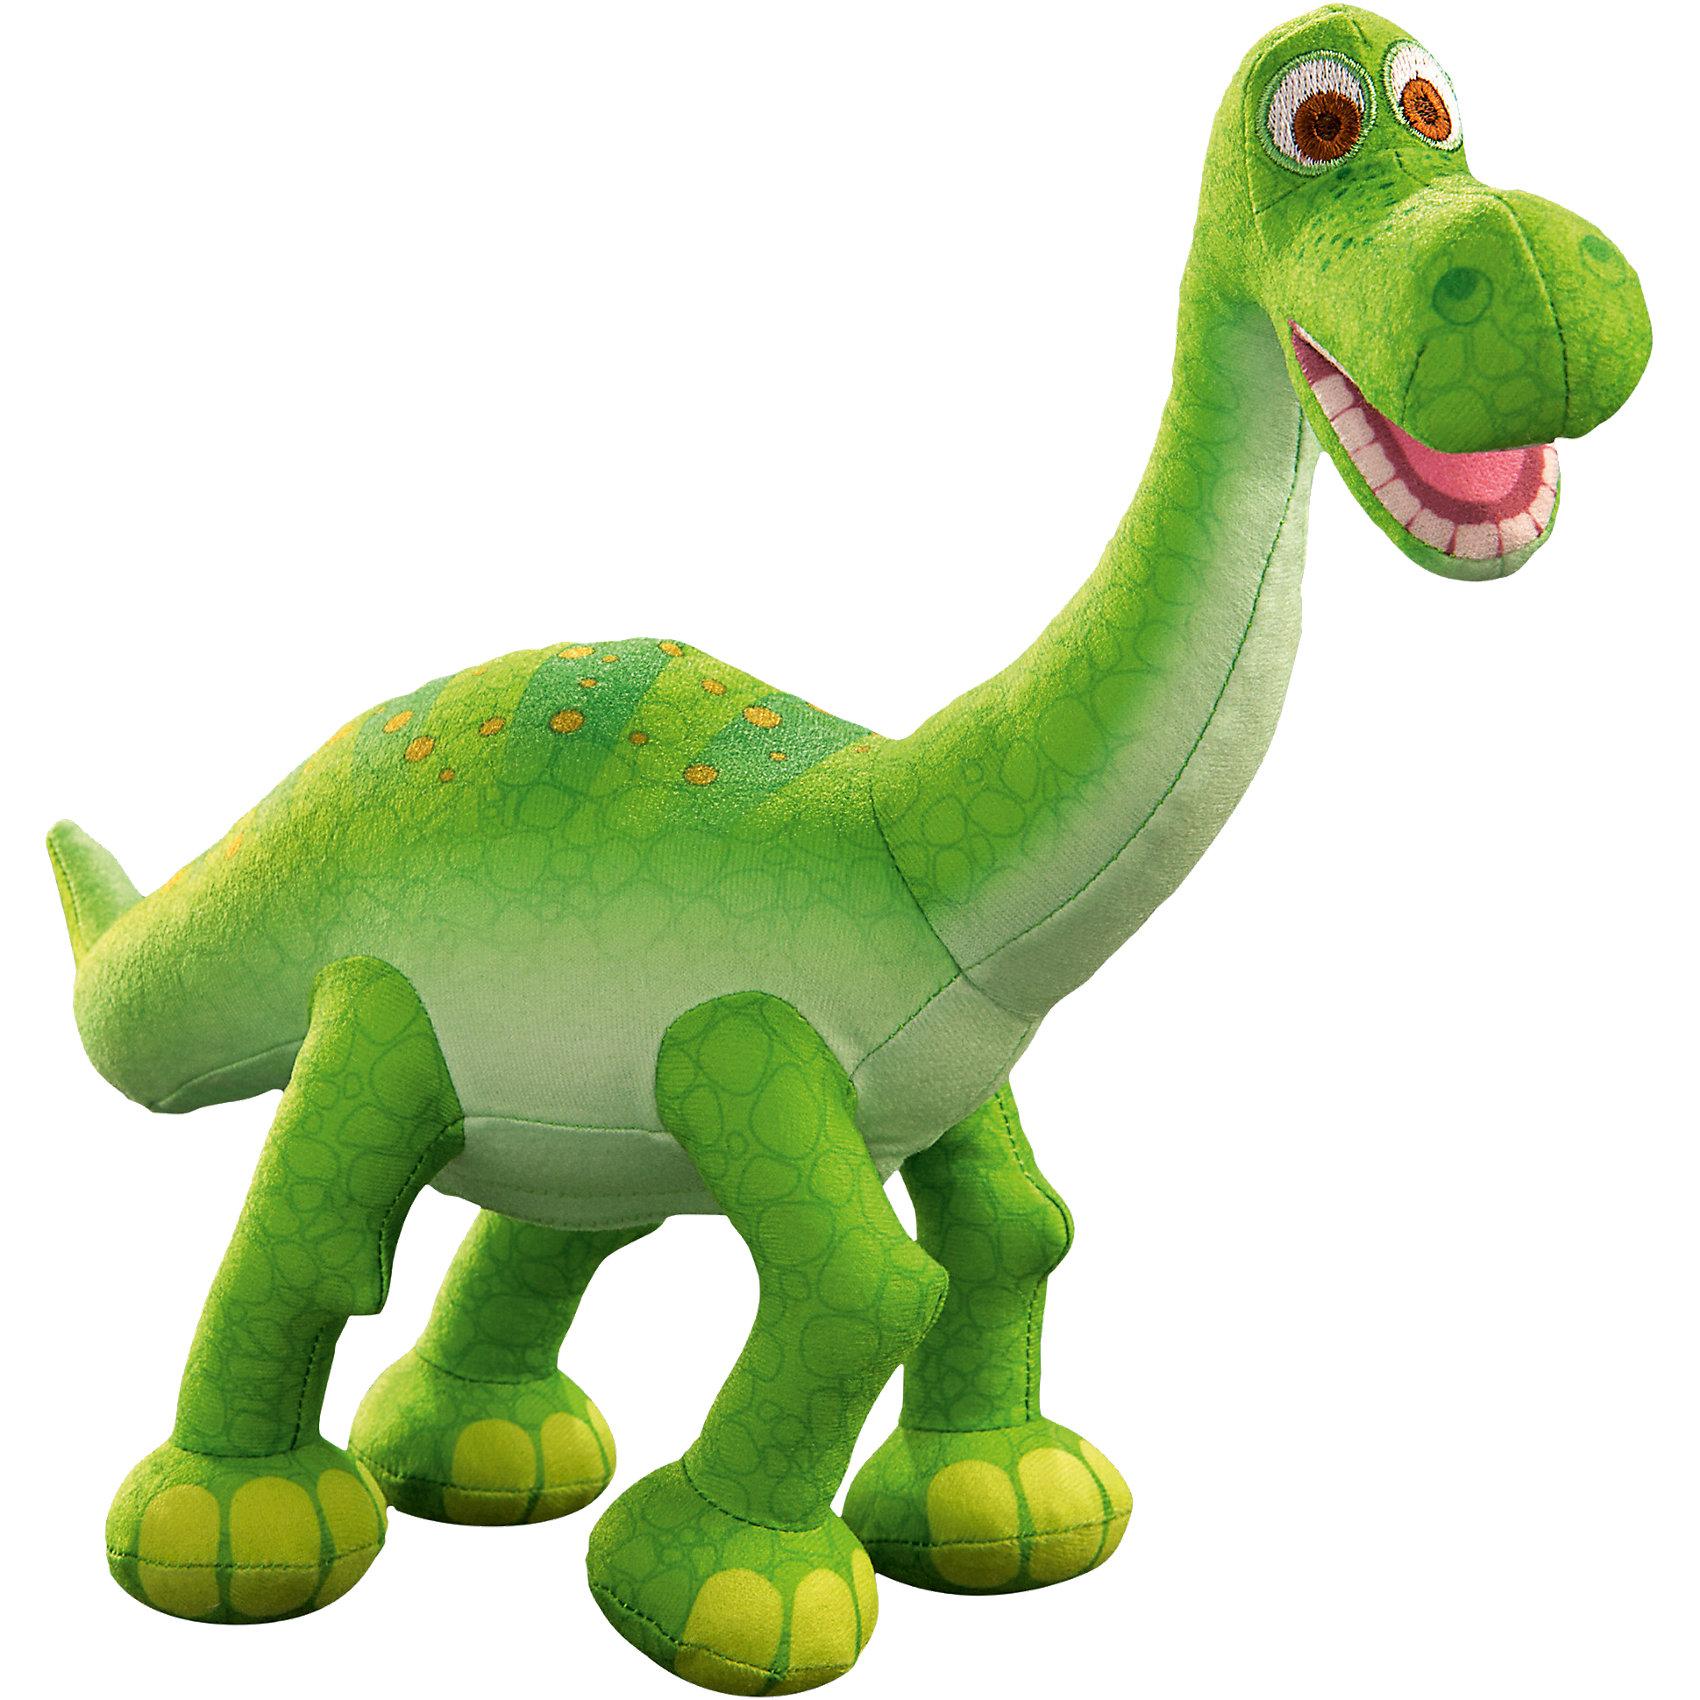 Арло, Хороший динозаврАрло, Хороший динозавр – эта плюшевая озвученная игрушка неприметно понравится поклонникам мультфильма «Хороший динозавр».<br>Мягкая озвученная игрушка Хороший динозавр Арло обязательно придется по душе поклонникам и поклонницам мультфильма Хороший динозавр. Игрушка изготовлена из гипоаллергенного материала, поэтому ее можно подарить ребенку любого возраста. Динозавр Арло мягкий, плюшевый, очень добрый, да еще и озвученный! Погладьте динозаврика по спинке, и он издаст несколько звуков из мультфильма Хороший Динозавр, в котором исполняет главную роль. Ваш ребенок будет в восторге от такого замечательного подарка.<br><br>Дополнительная информация:<br><br>- Высота игрушки: 30 см.<br>- Батарейки: 2 типа ААА (входят в комплект)<br>- Материал: текстиль, синтепон<br>- Цвет: зеленый<br><br>Игрушку Арло, Хороший динозавр можно купить в нашем интернет-магазине.<br><br>Ширина мм: 250<br>Глубина мм: 255<br>Высота мм: 135<br>Вес г: 300<br>Возраст от месяцев: 36<br>Возраст до месяцев: 72<br>Пол: Мужской<br>Возраст: Детский<br>SKU: 4175289